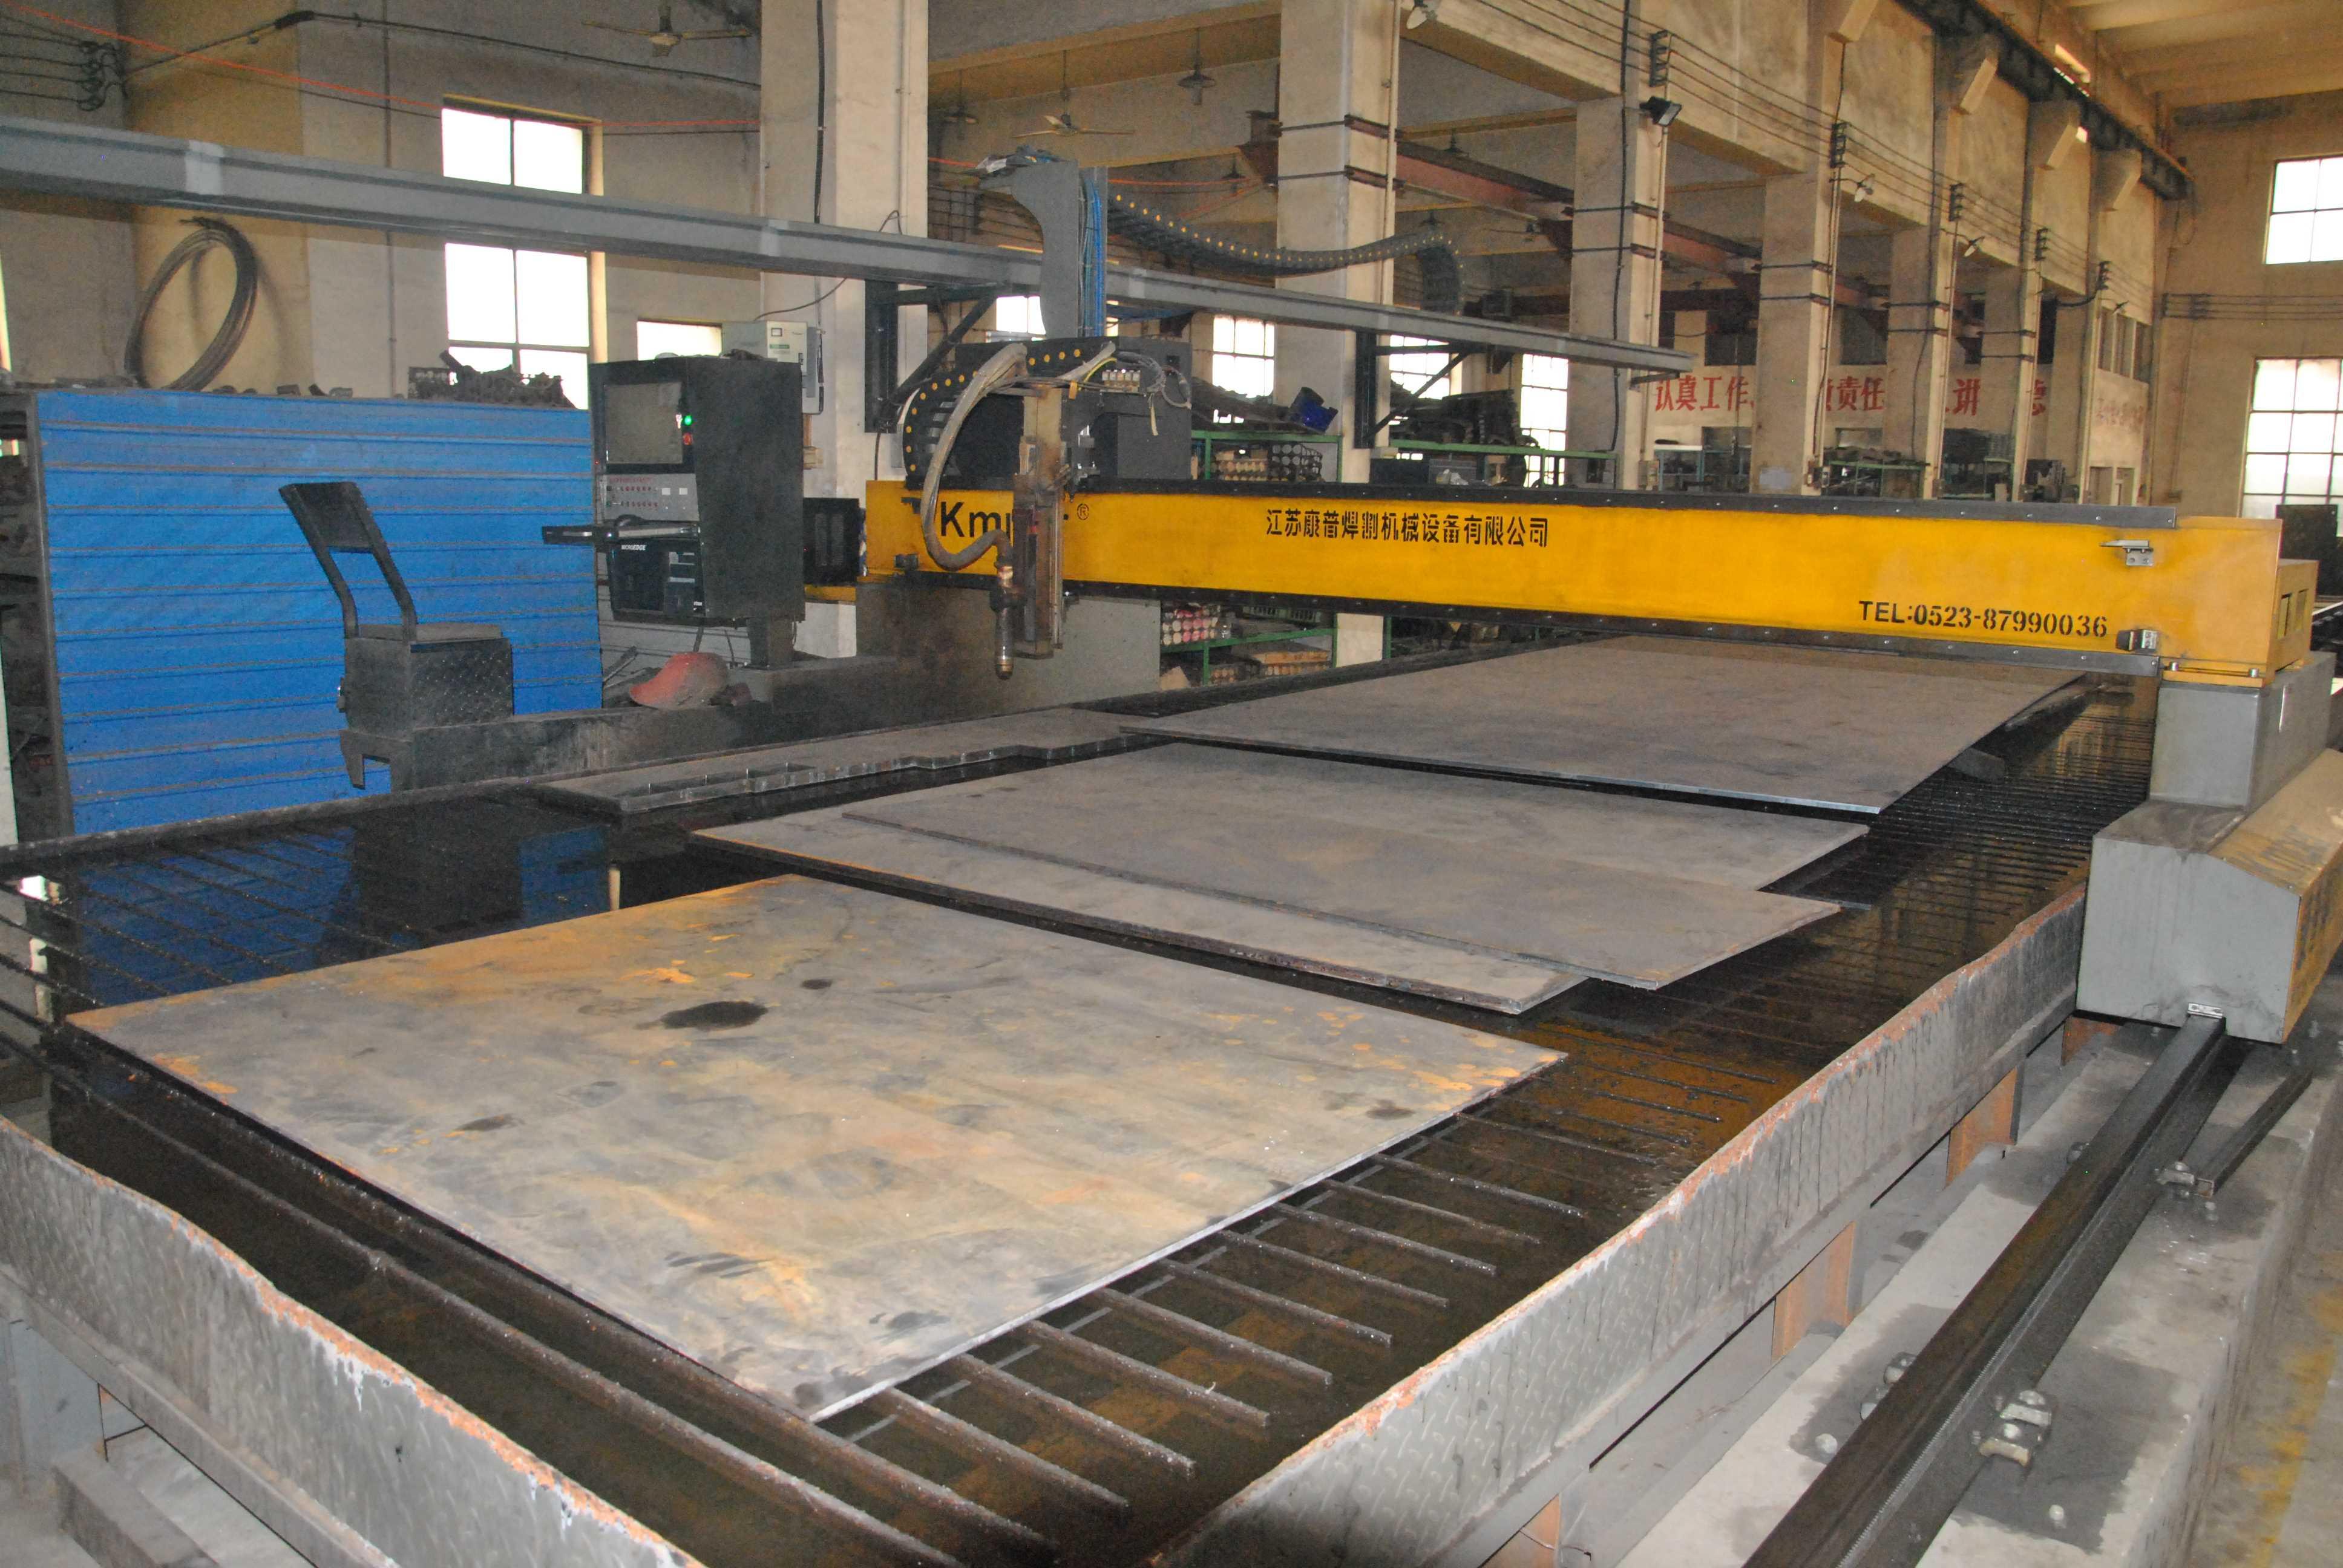 廠區、設備及證件照片-冠力公司-數控等離子切割機-割板厚度2-40mm